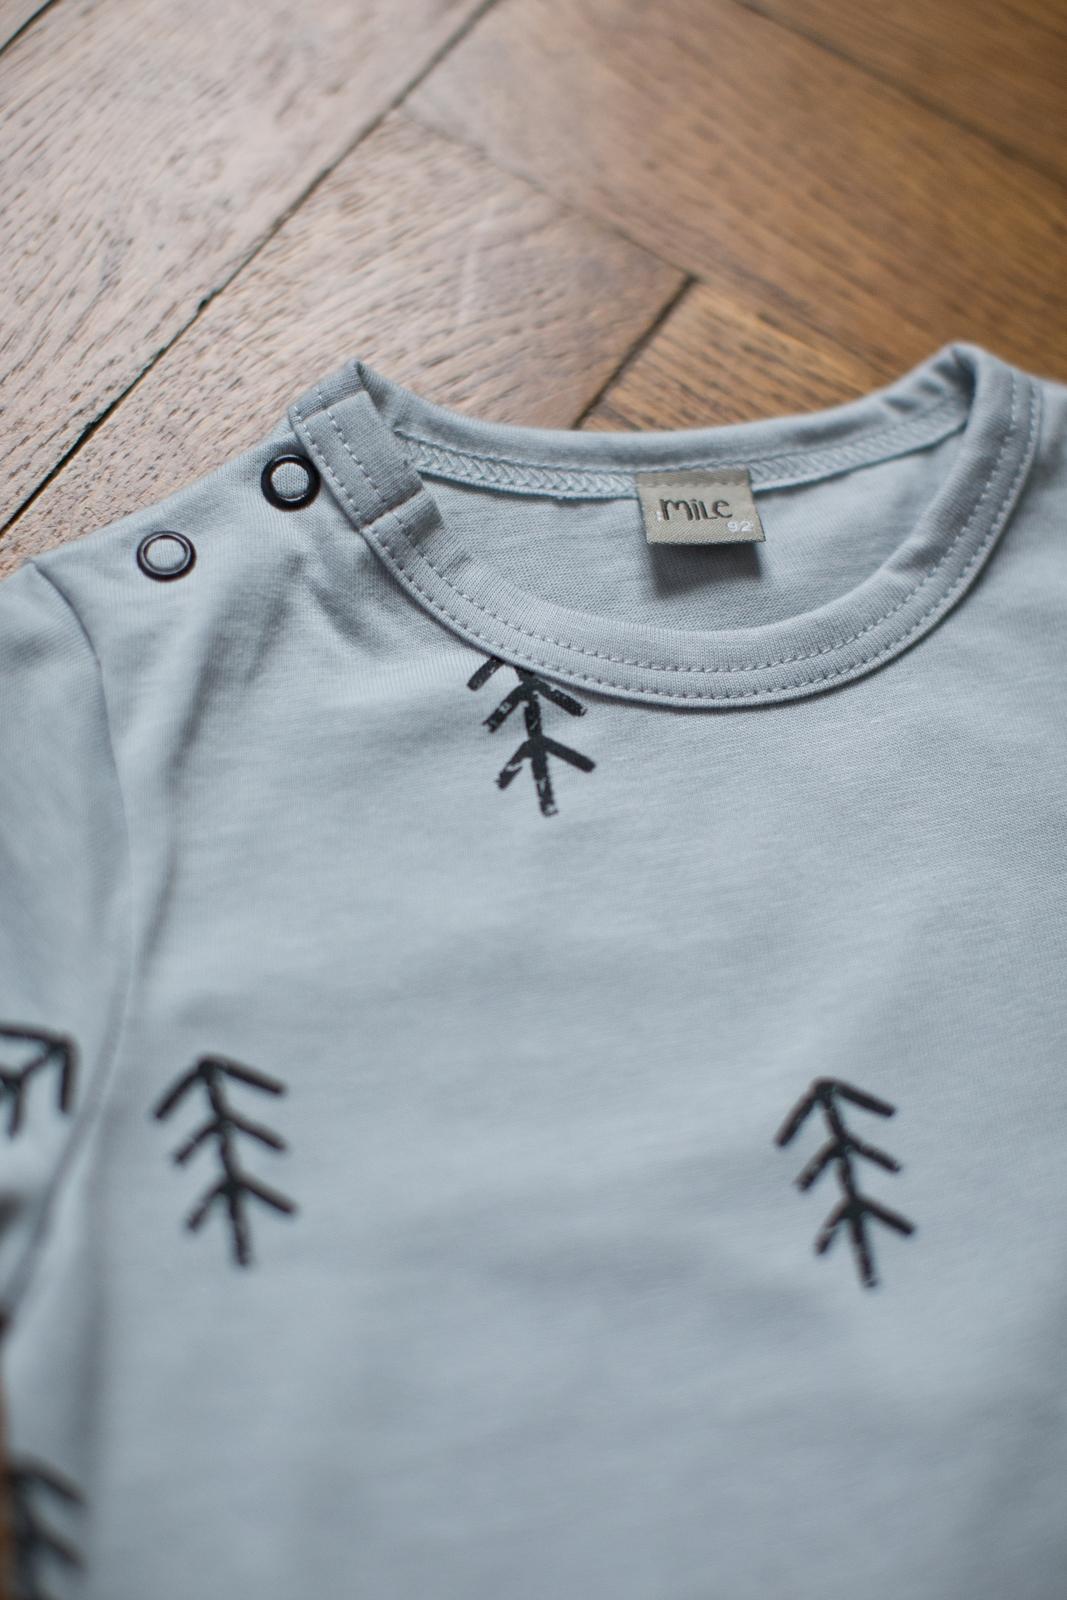 stromčeky tričko dlhý rukáv